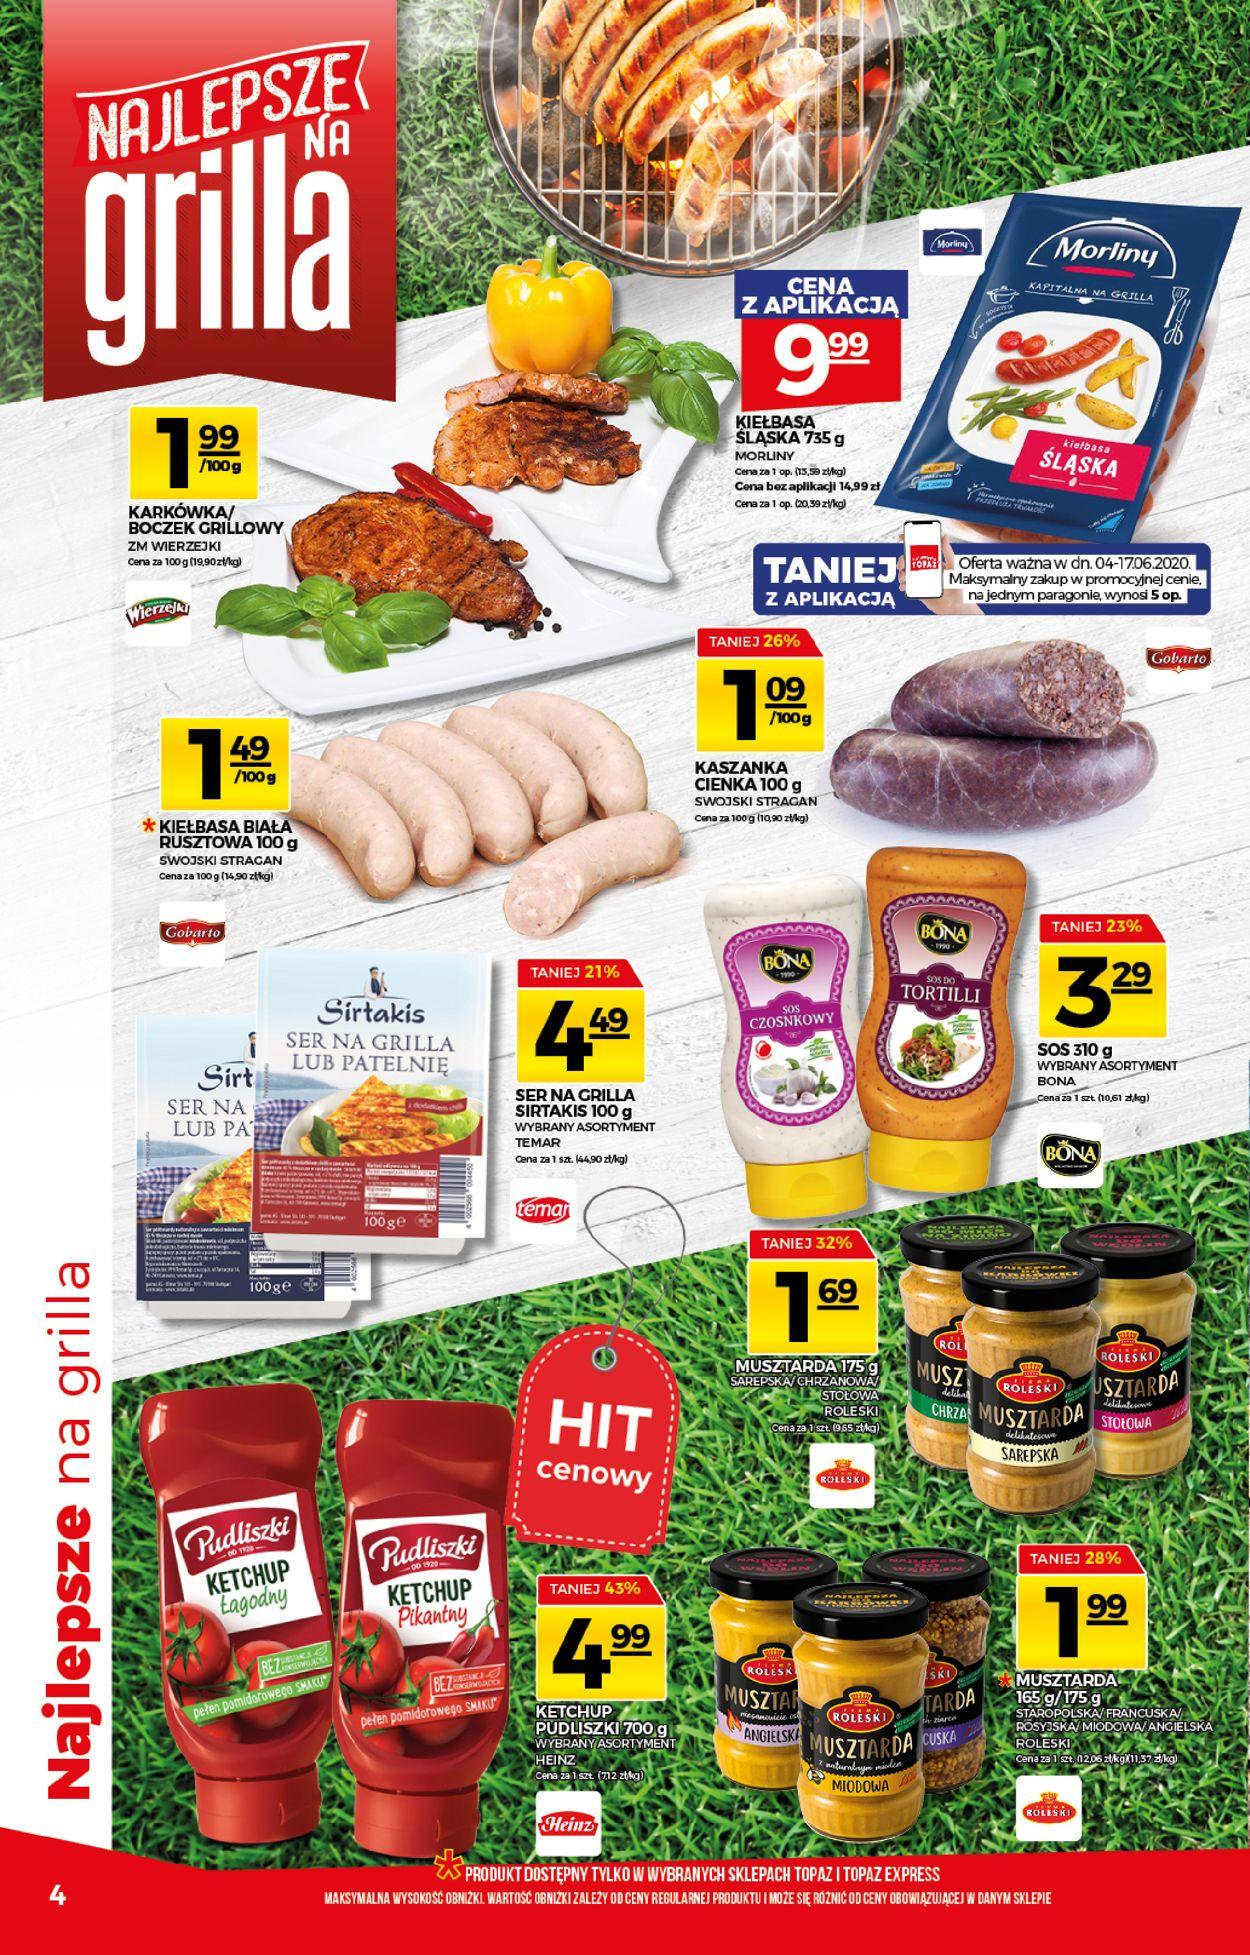 Gazetka promocyjna Topaz - 04.06-17.06.2020 (Strona 4)